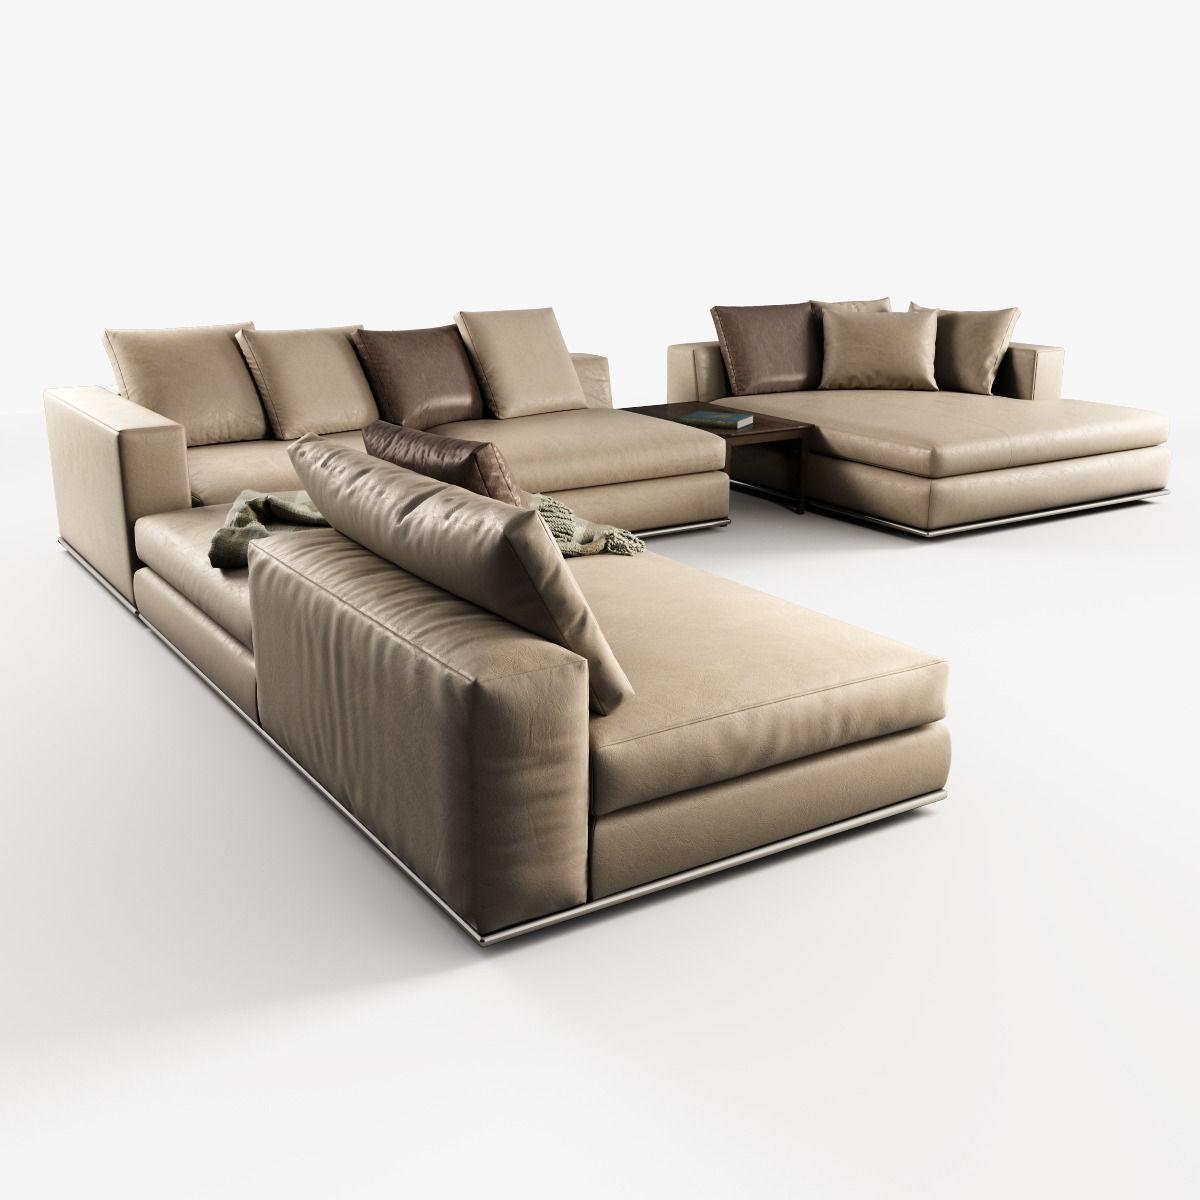 3D Hamilton Modular Sofas | CGTrader